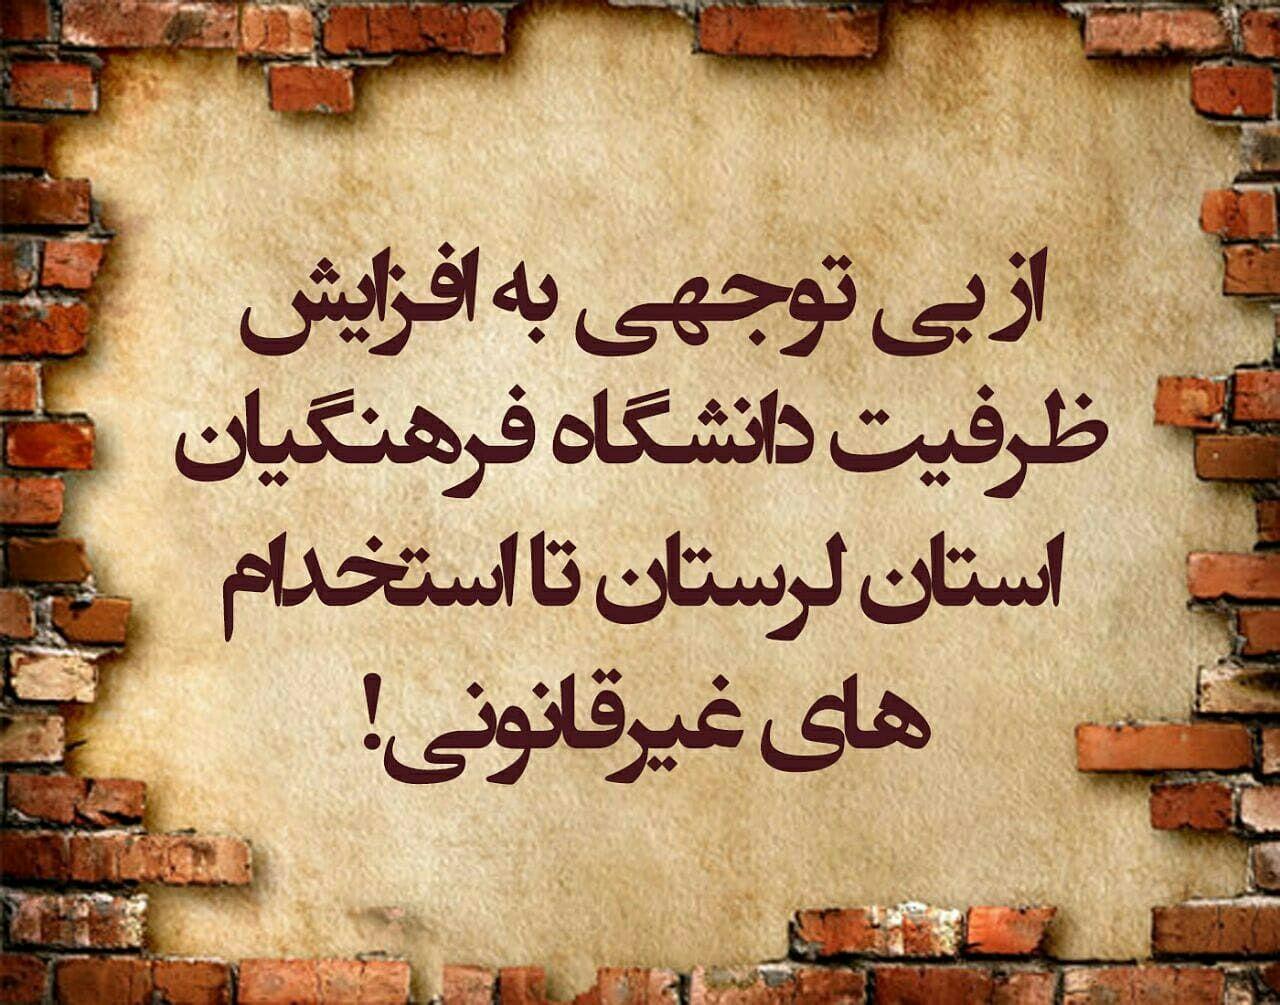 از بی توجهی به افزایش ظرفیت دانشگاه فرهنگیان استان تا استخدام های غیر قانونی!